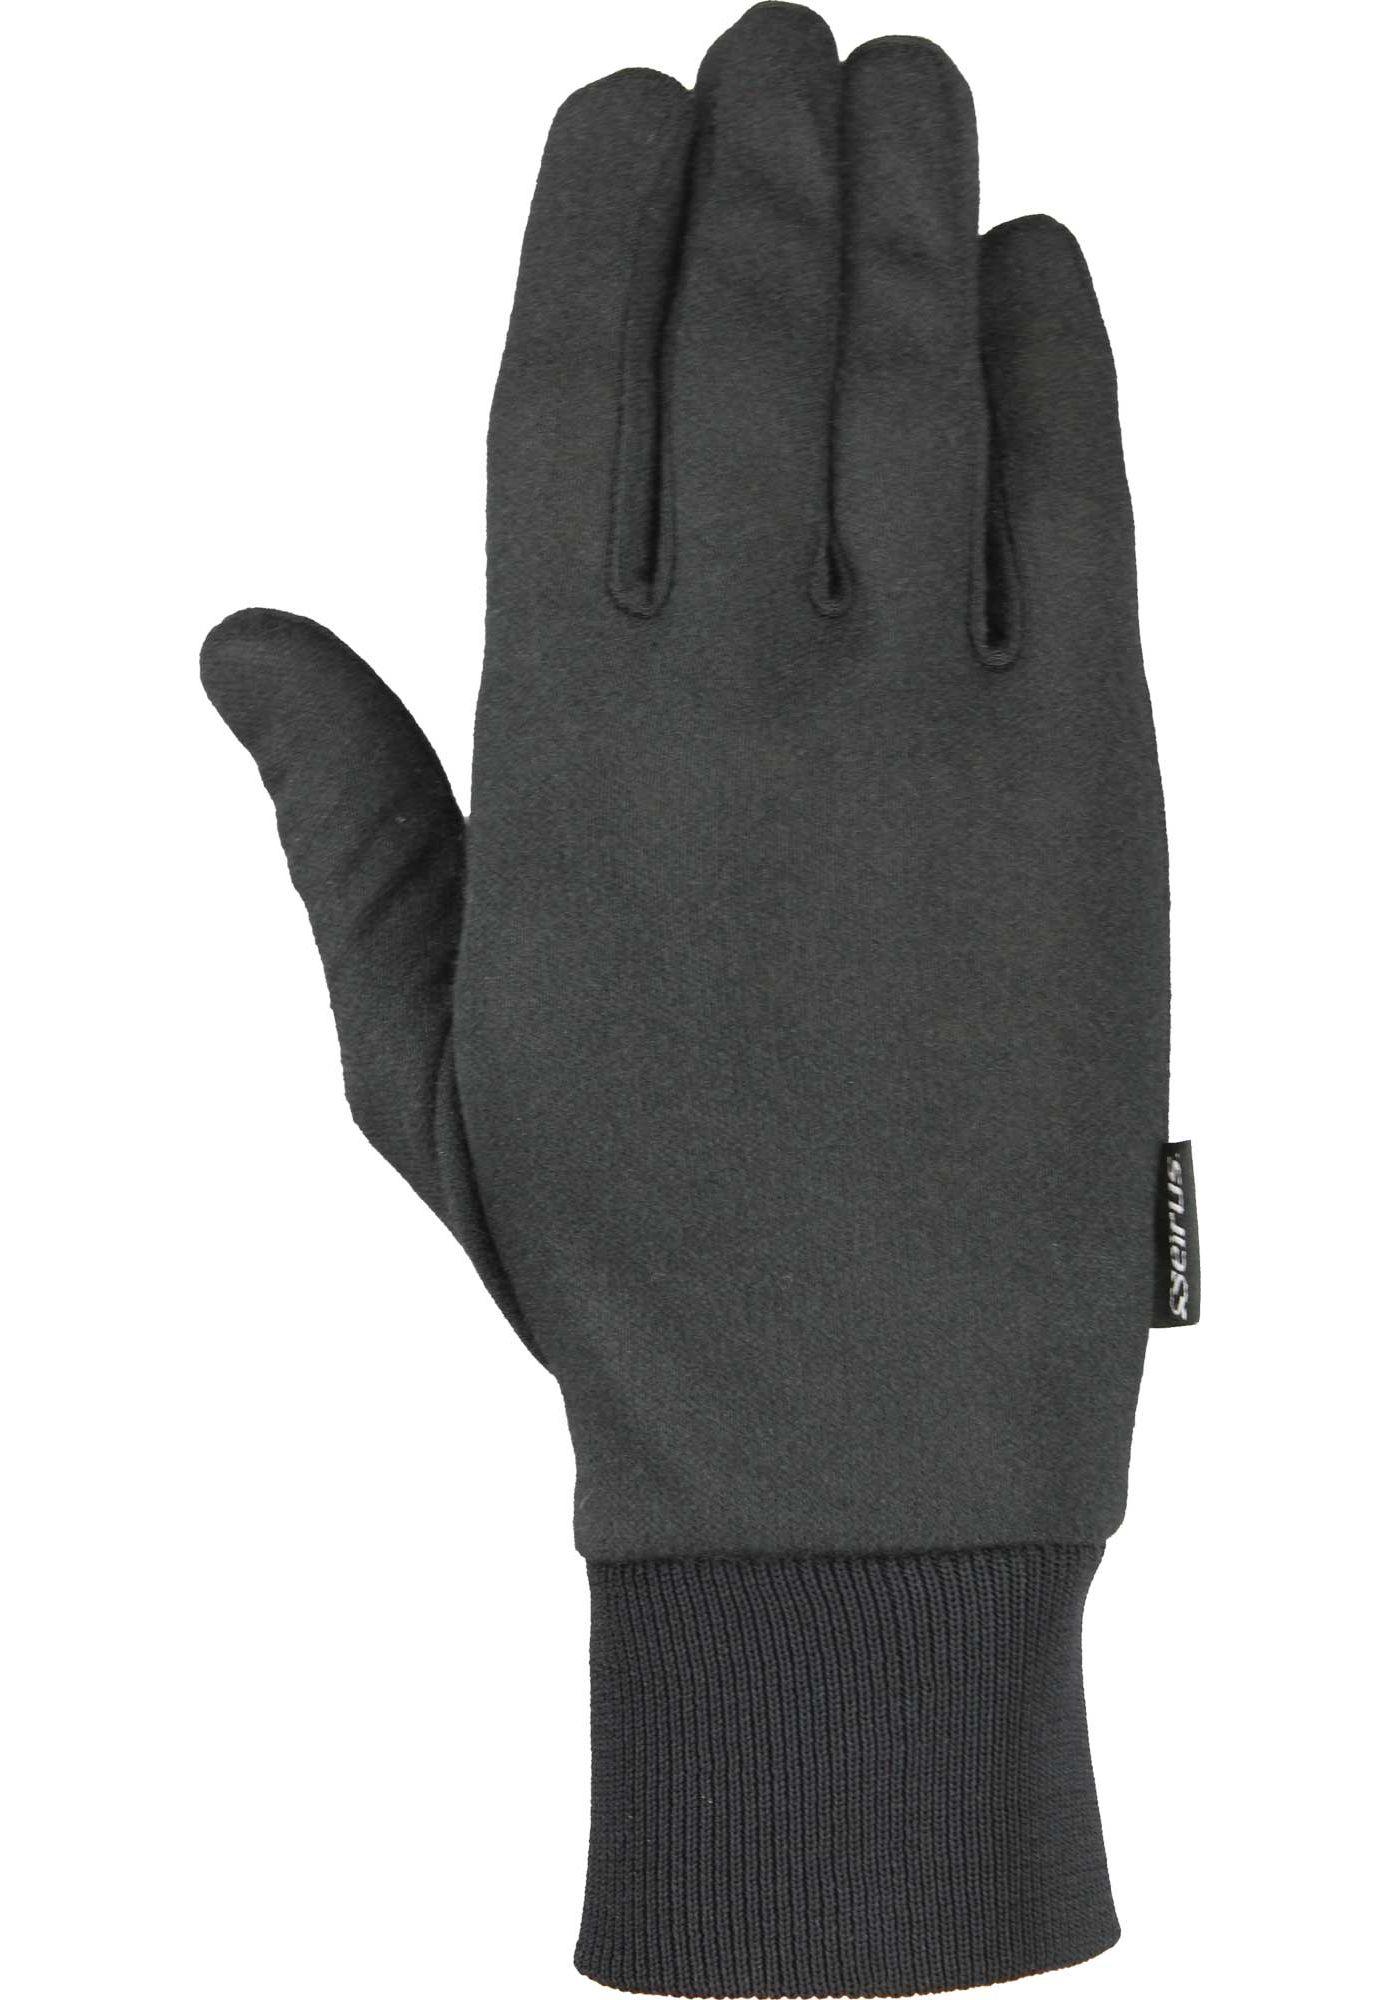 Seirus Men's Deluxe Thermax Glove Liner